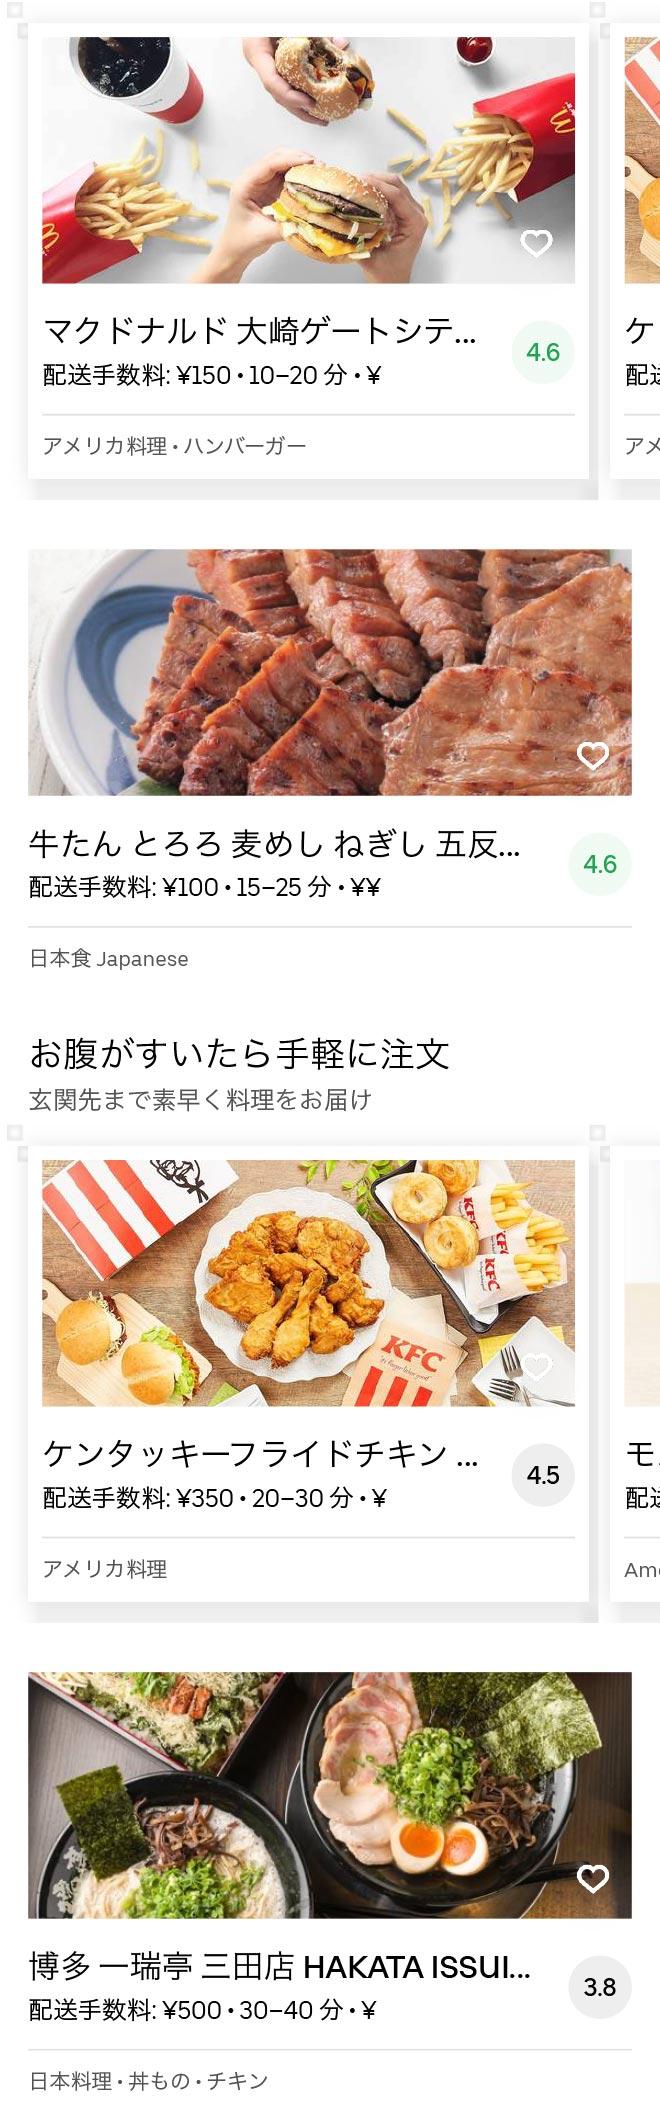 Tokyo osaki menu 2005 01